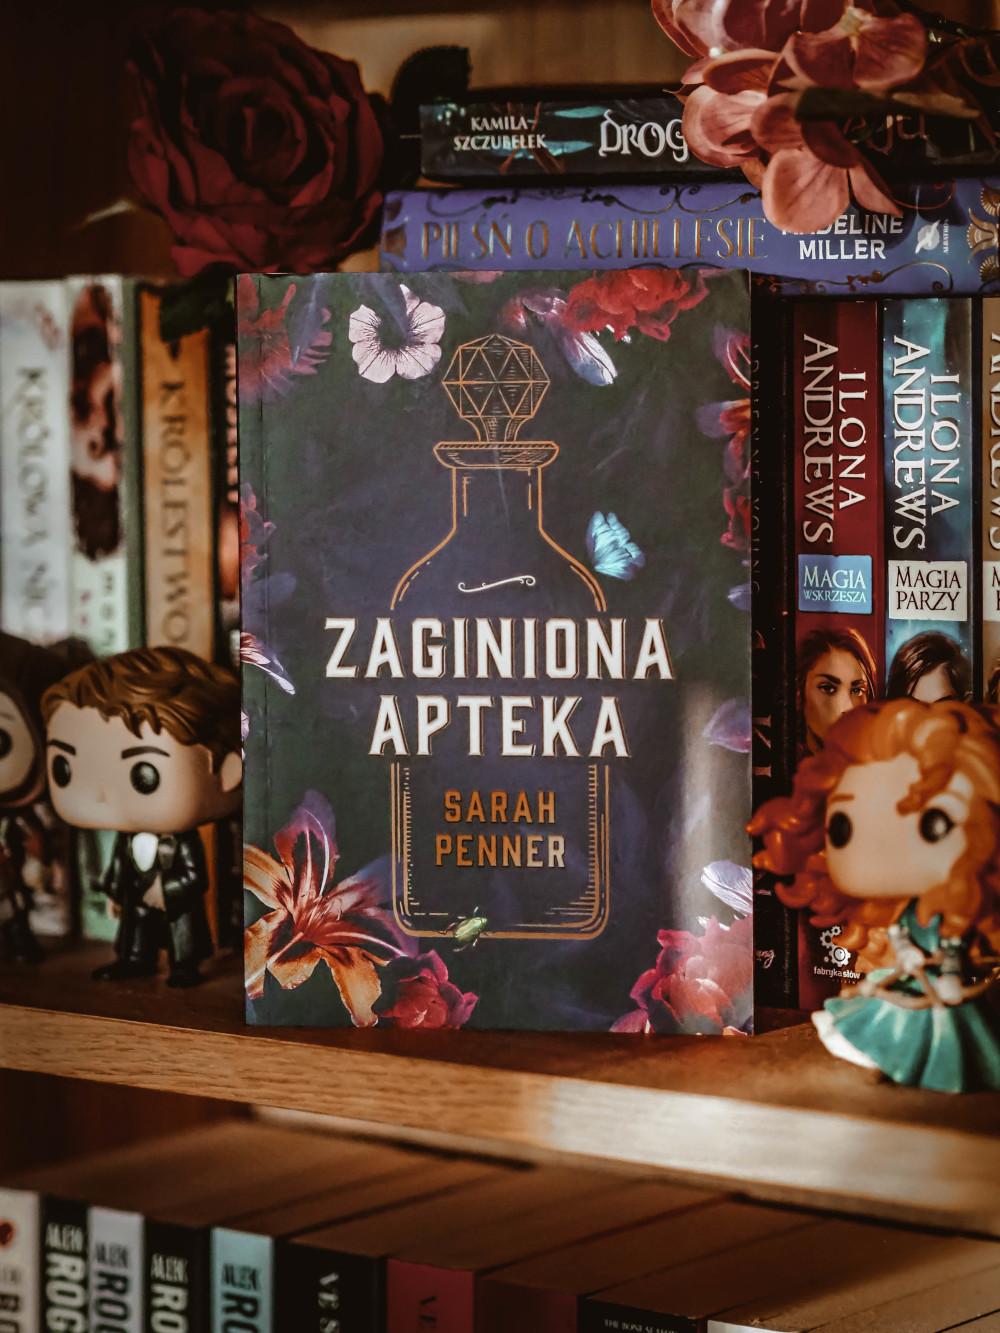 Zaginiona apteka - Sarah Penner. HarperCollins Polska